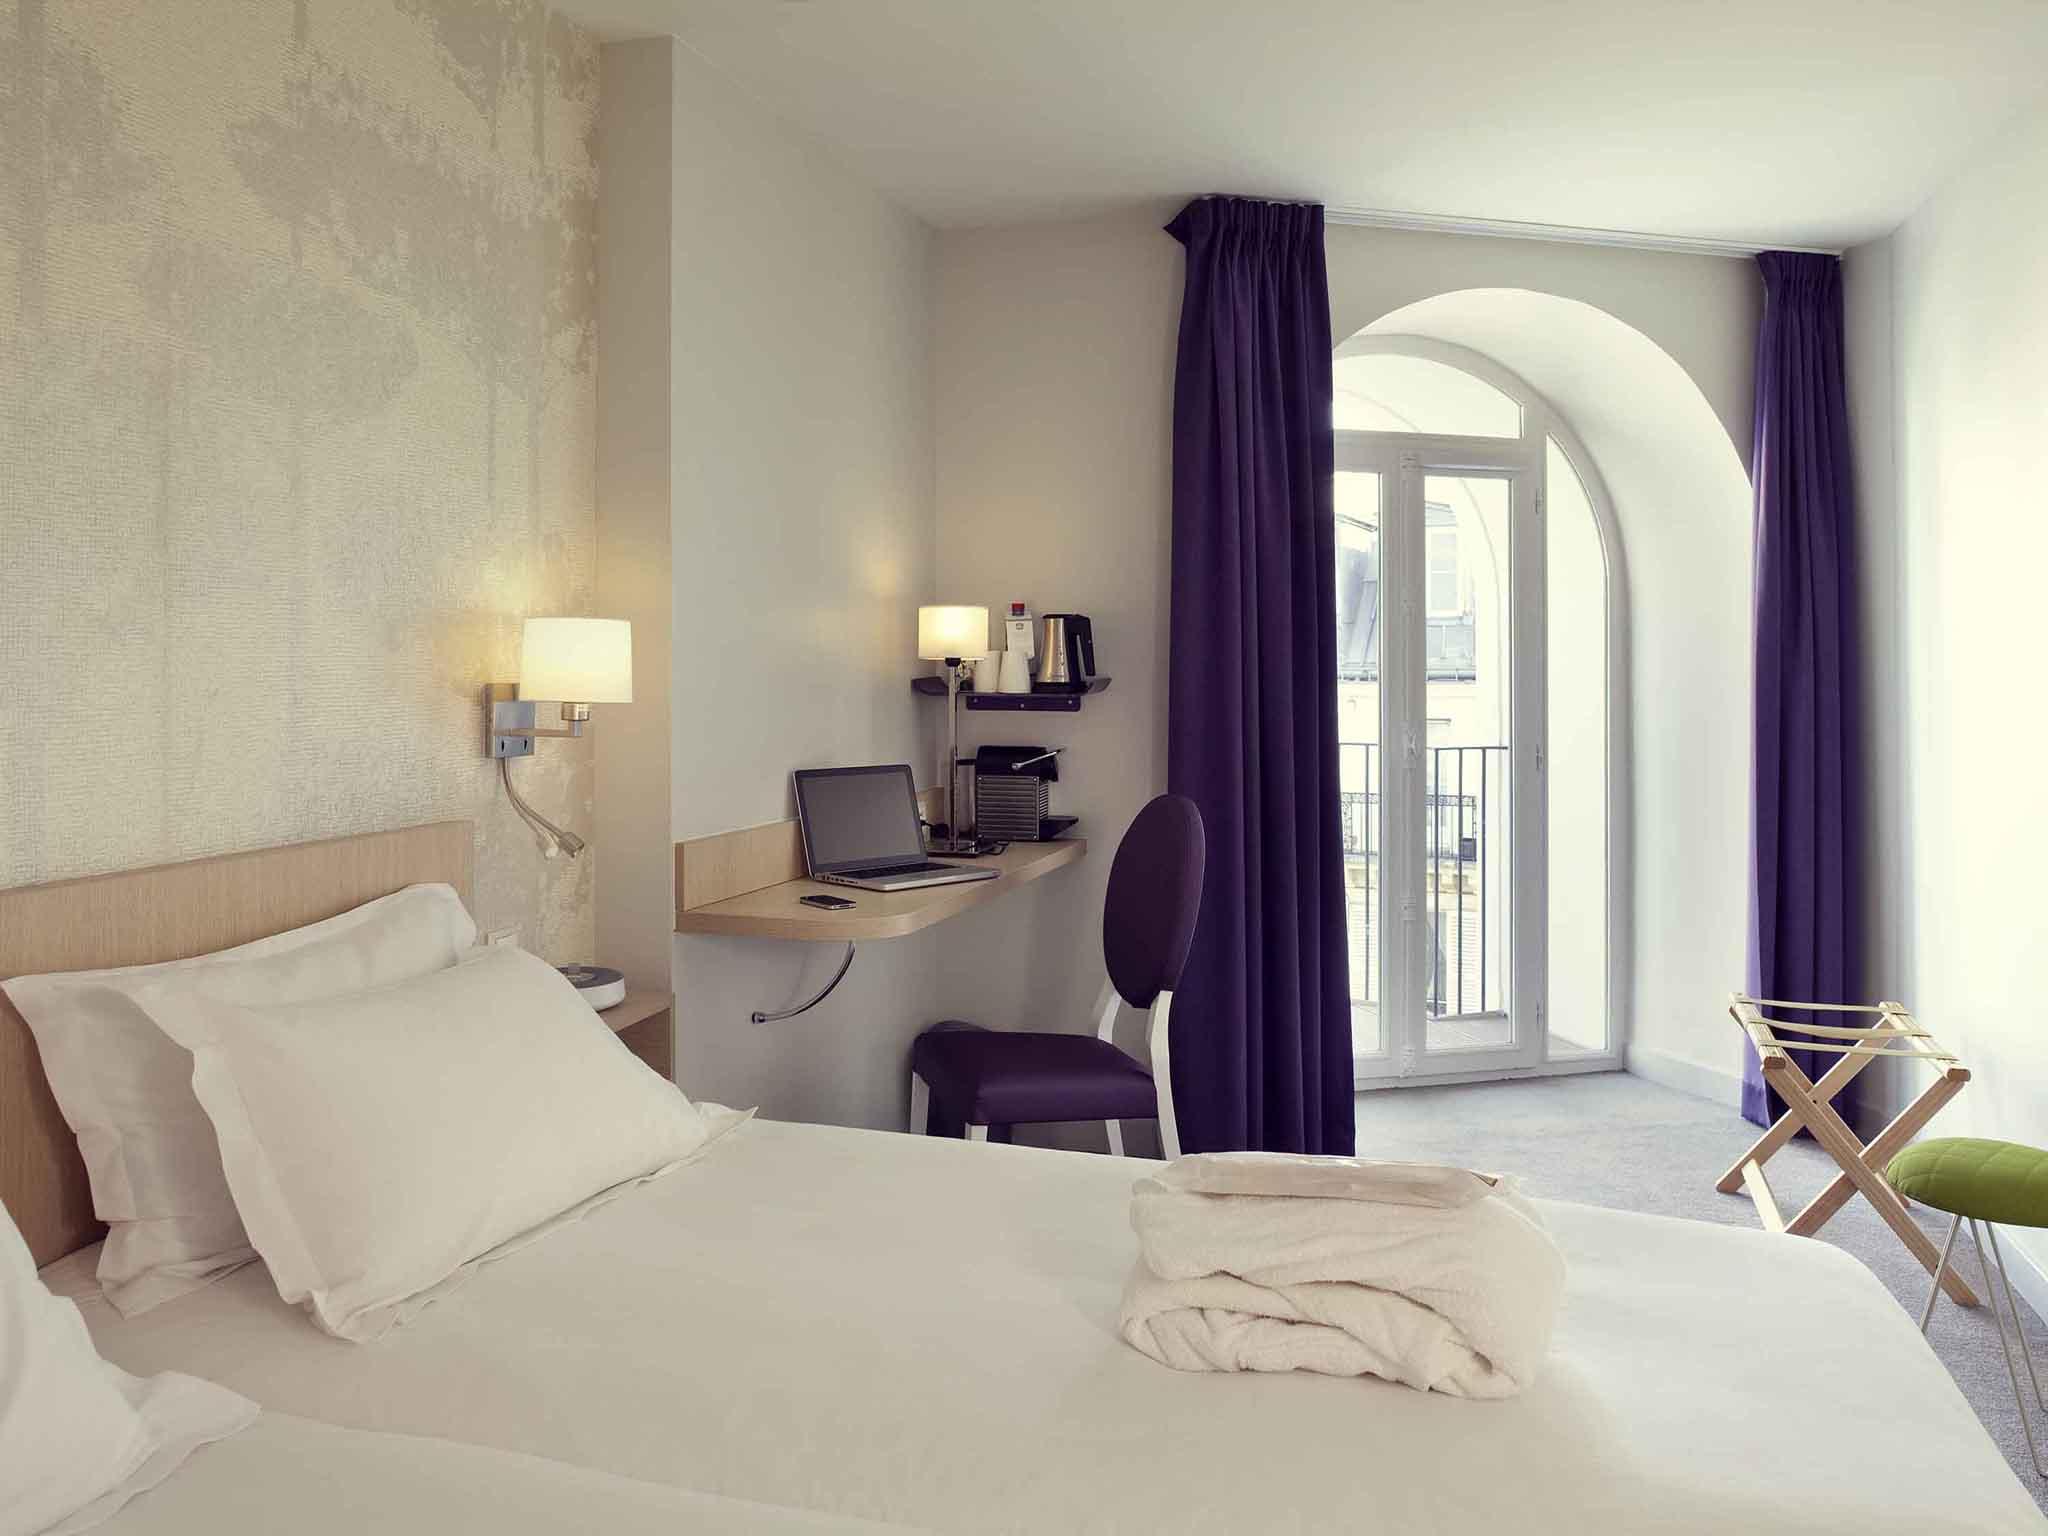 Hotel - Hôtel Mercure Paris Notre Dame Saint Germain des Prés